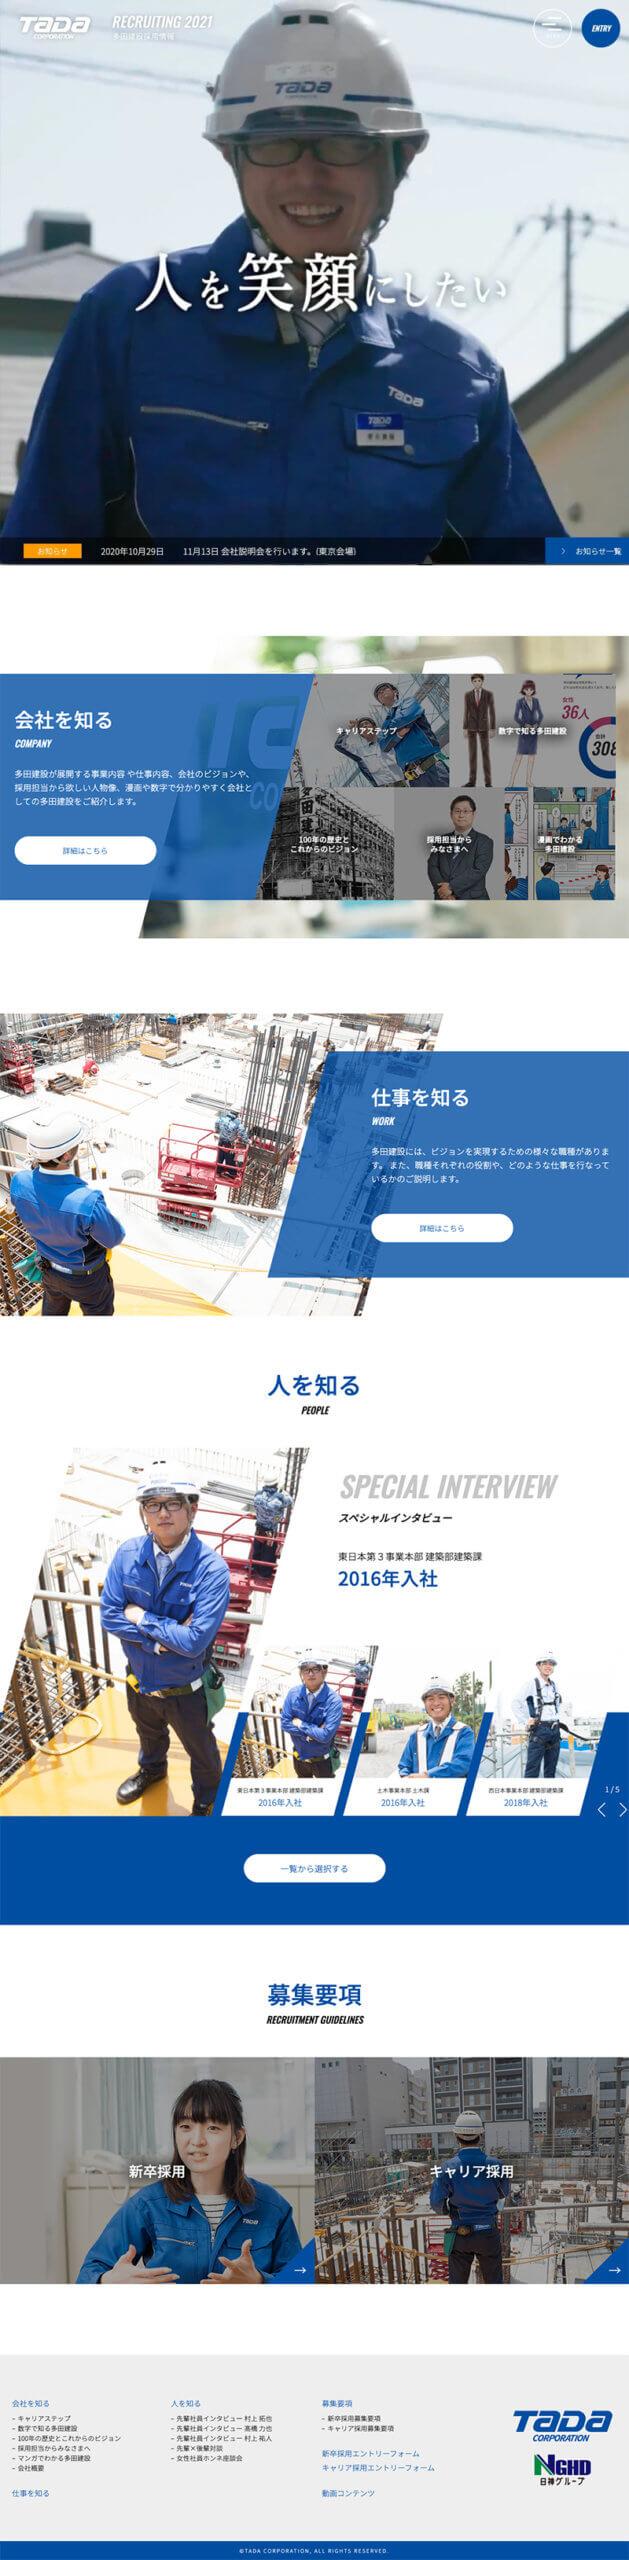 多田建設株式会社 採用サイト